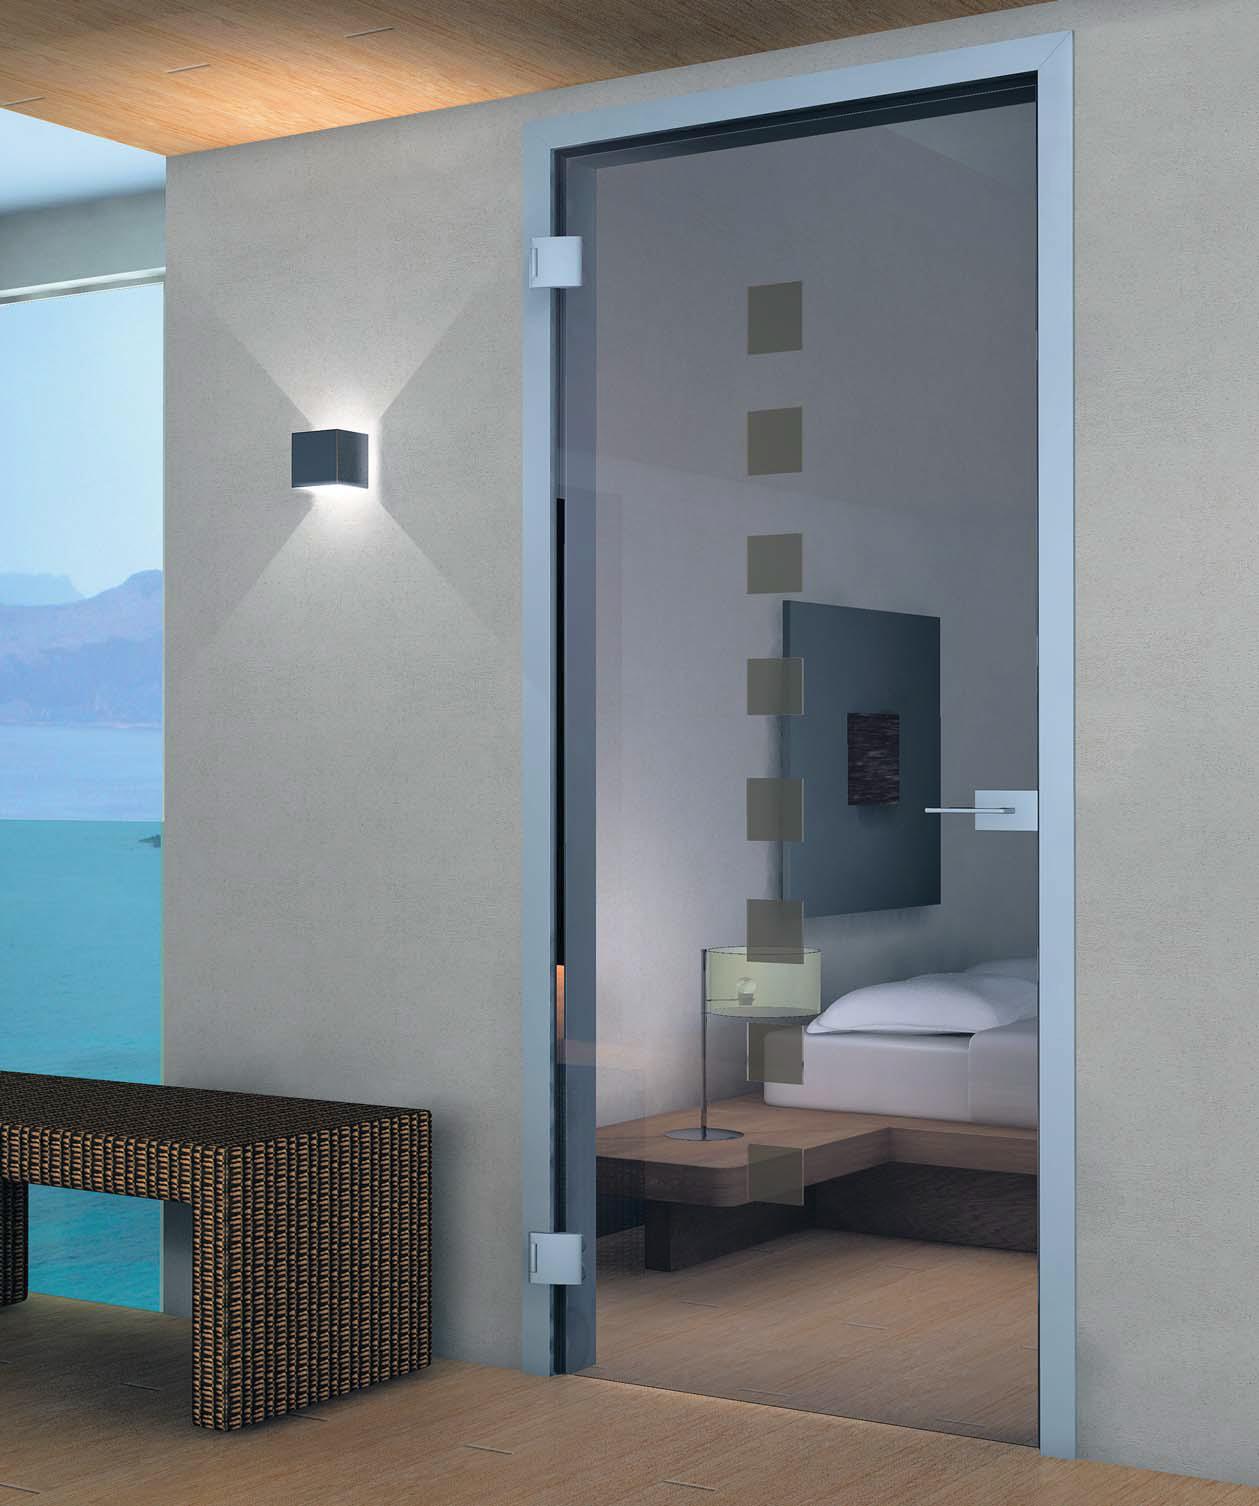 стеклянные двери для квартиры фото всяким новым материалом